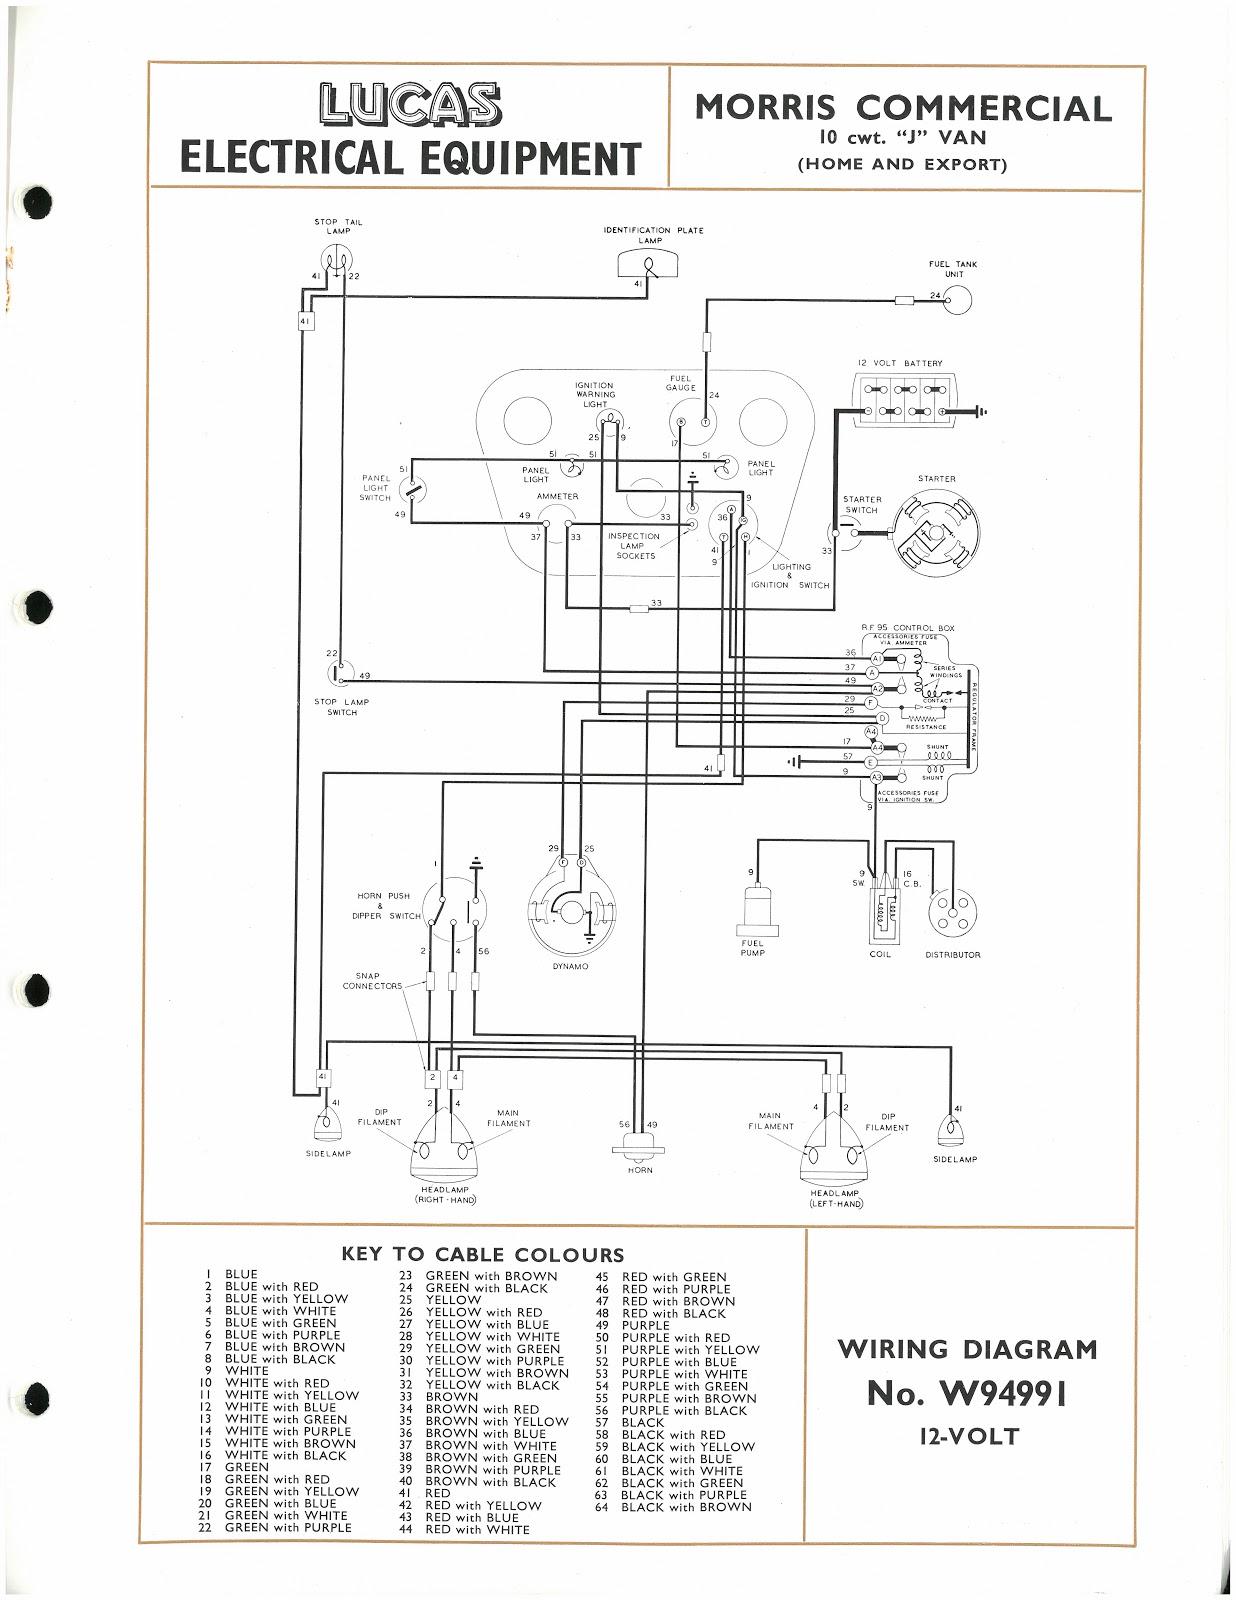 J+Type+Wiring+Diagram+Lucas  M Real Wiring Diagram on 5.3 engine diagram, 5.3 fuel system diagram, 5.3 firing order diagram, 5.3 motor diagram, 5.3 coolant diagram,